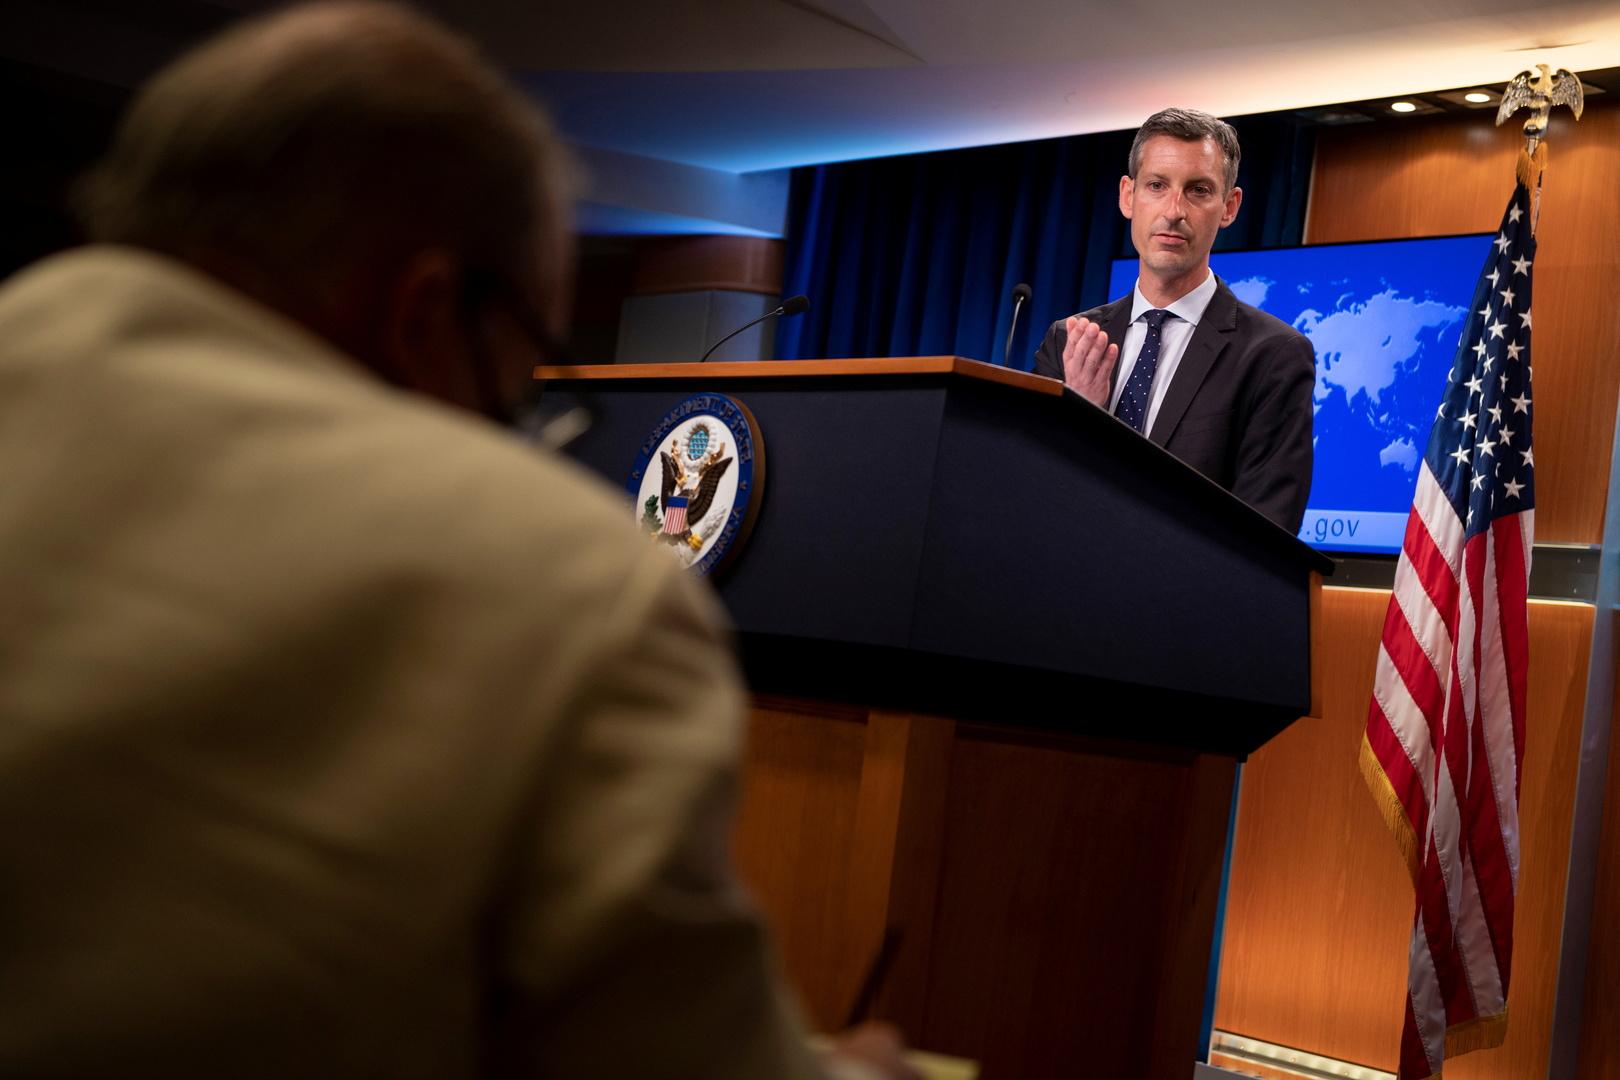 الولايات المتحدة تدعو القادة اللبنانيين إلى دعم تشكيل الحكومة الجديدة